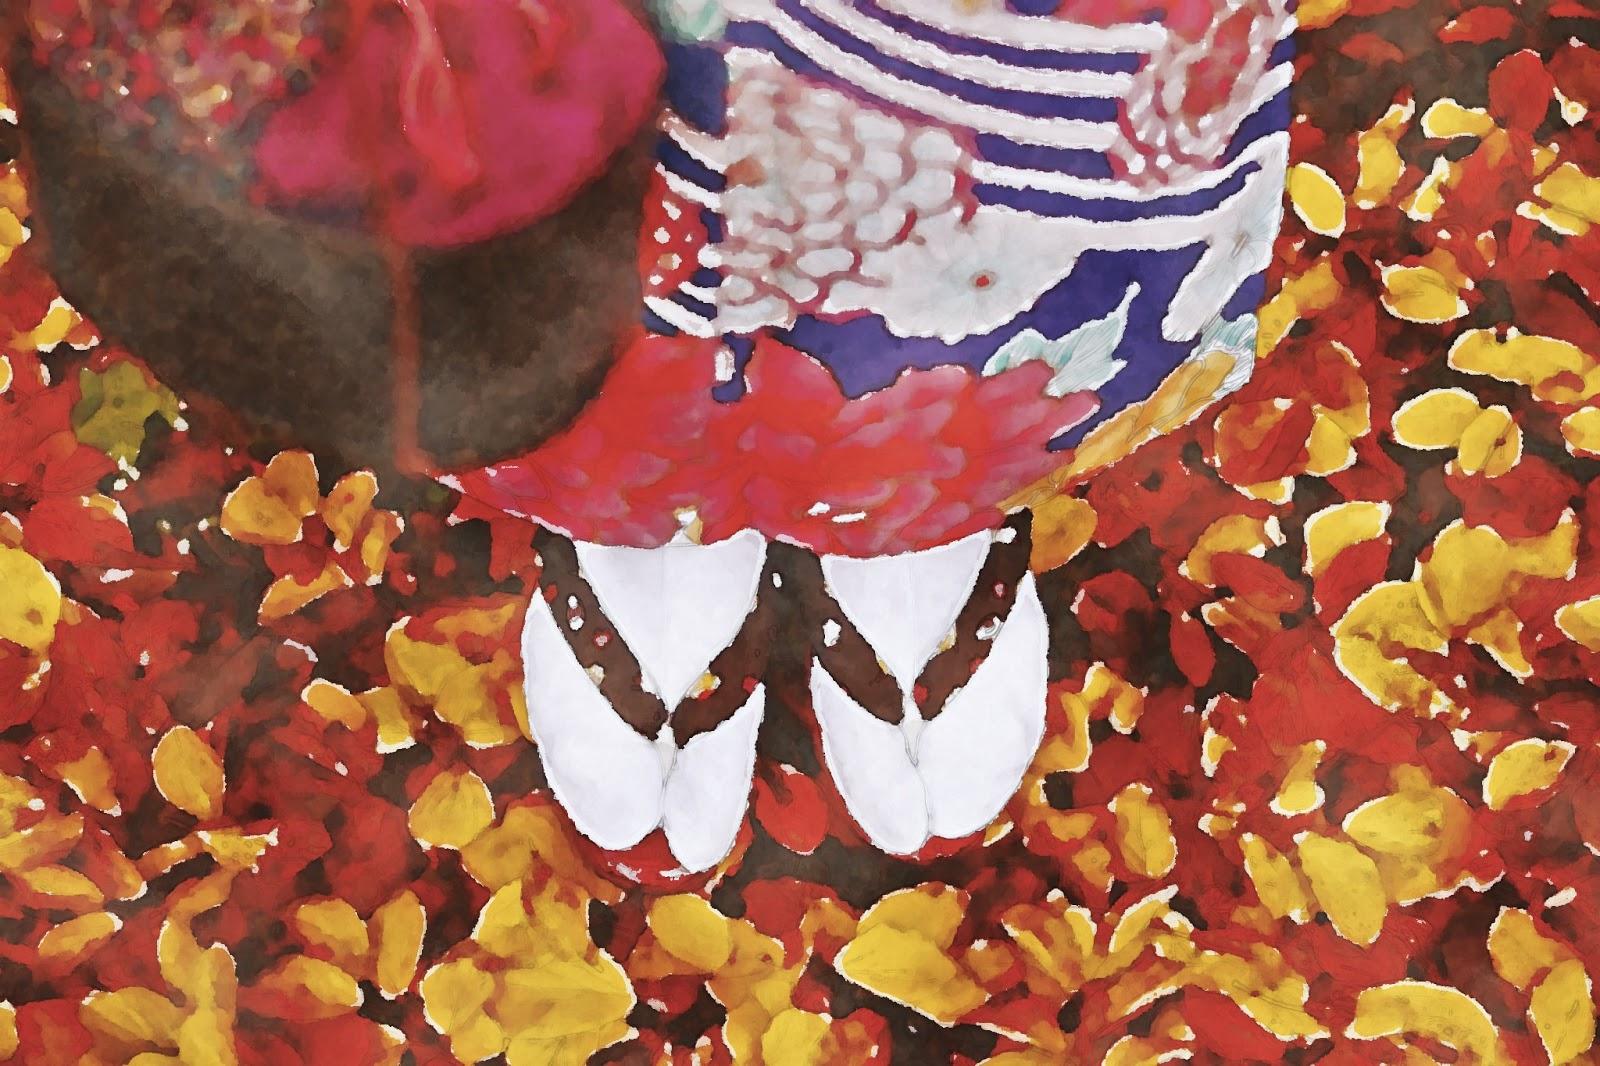 水彩画の着物を着た女性と落ち葉